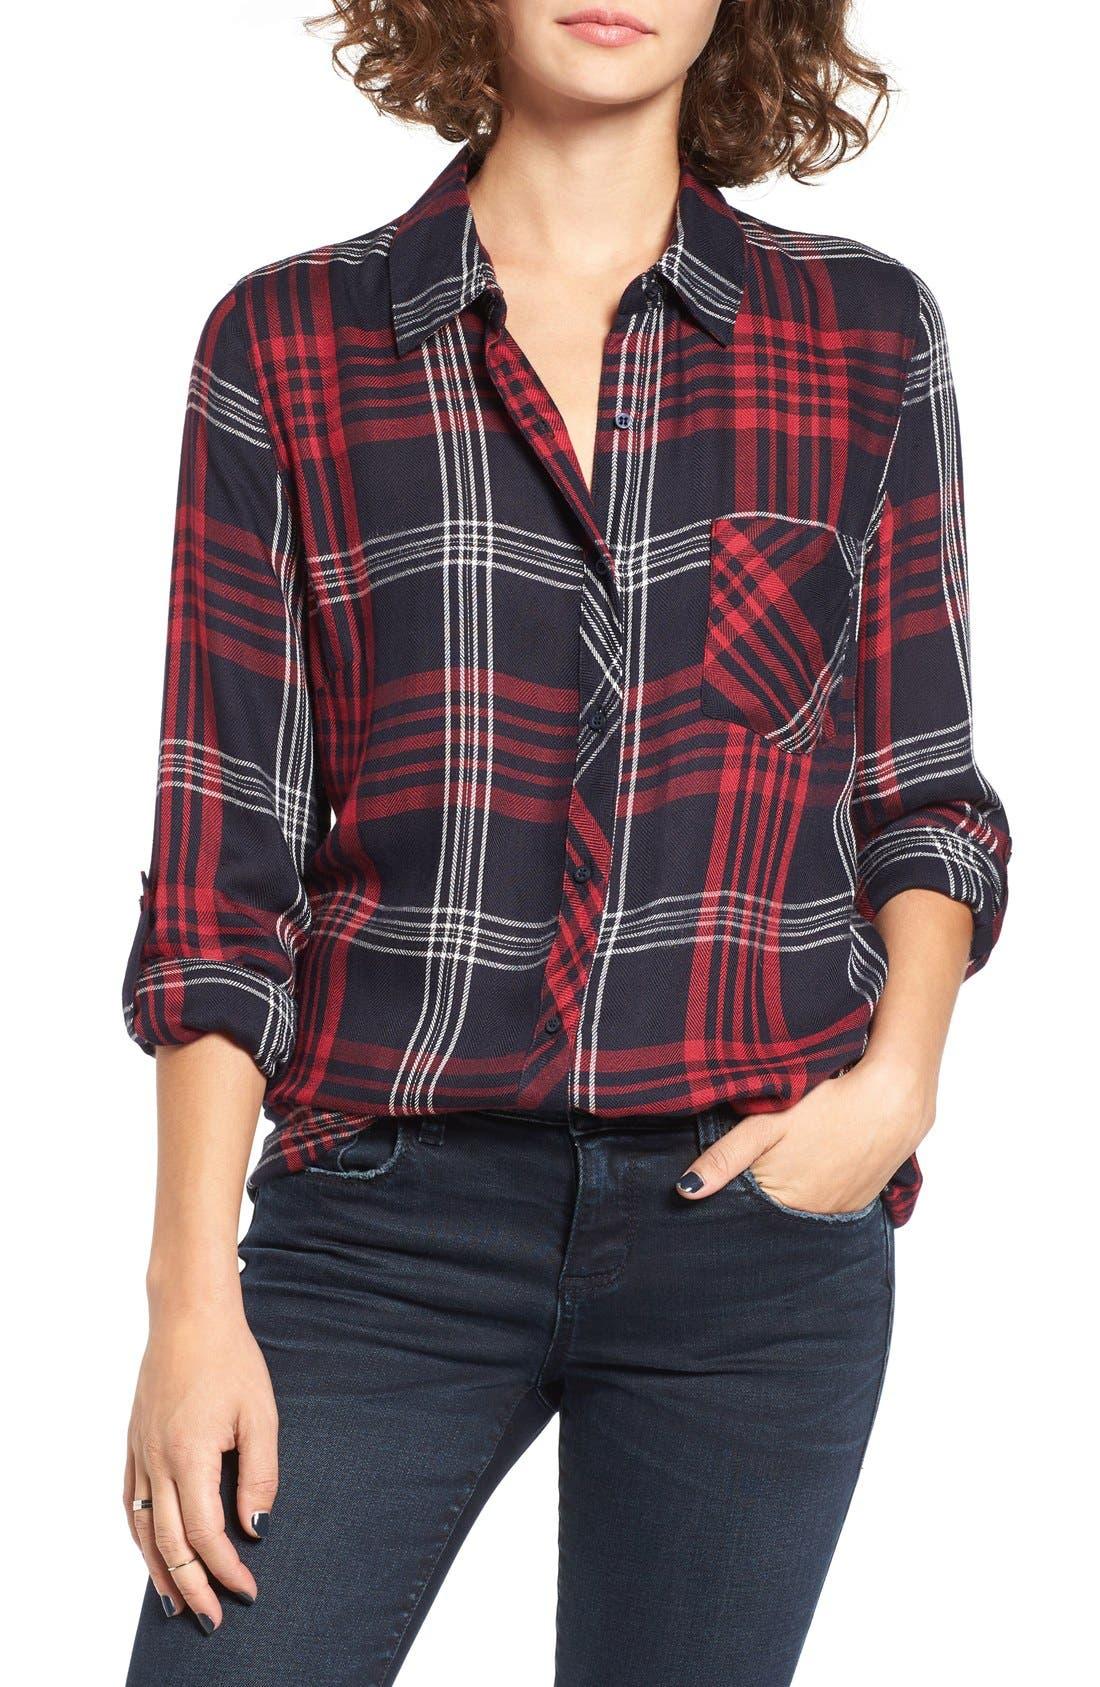 THREAD & SUPPLY Lucia Plaid Shirt, Main, color, 011